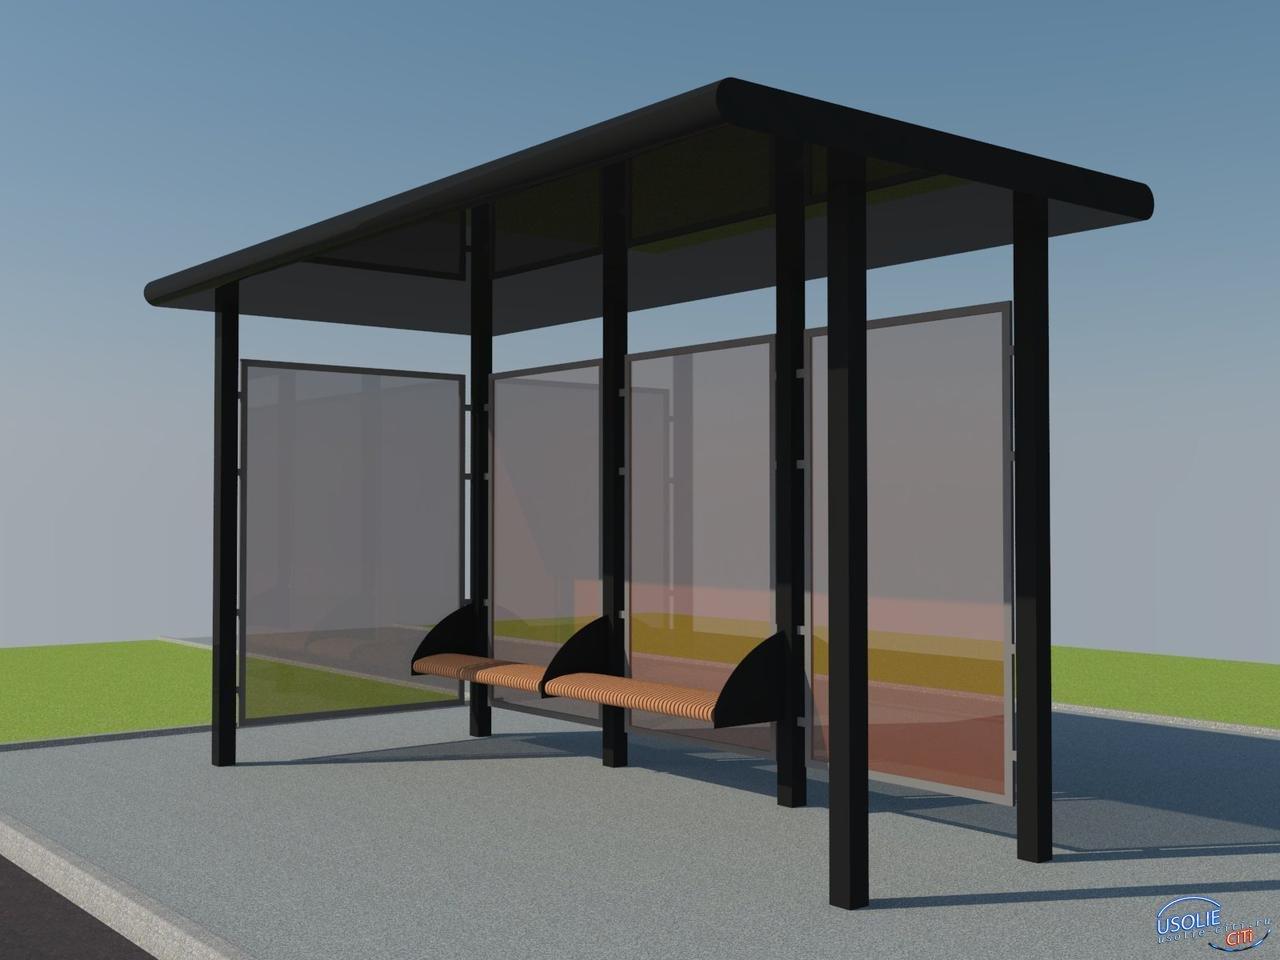 Новые остановочные пункты в Усолье будут сделаны из антивандального стекла